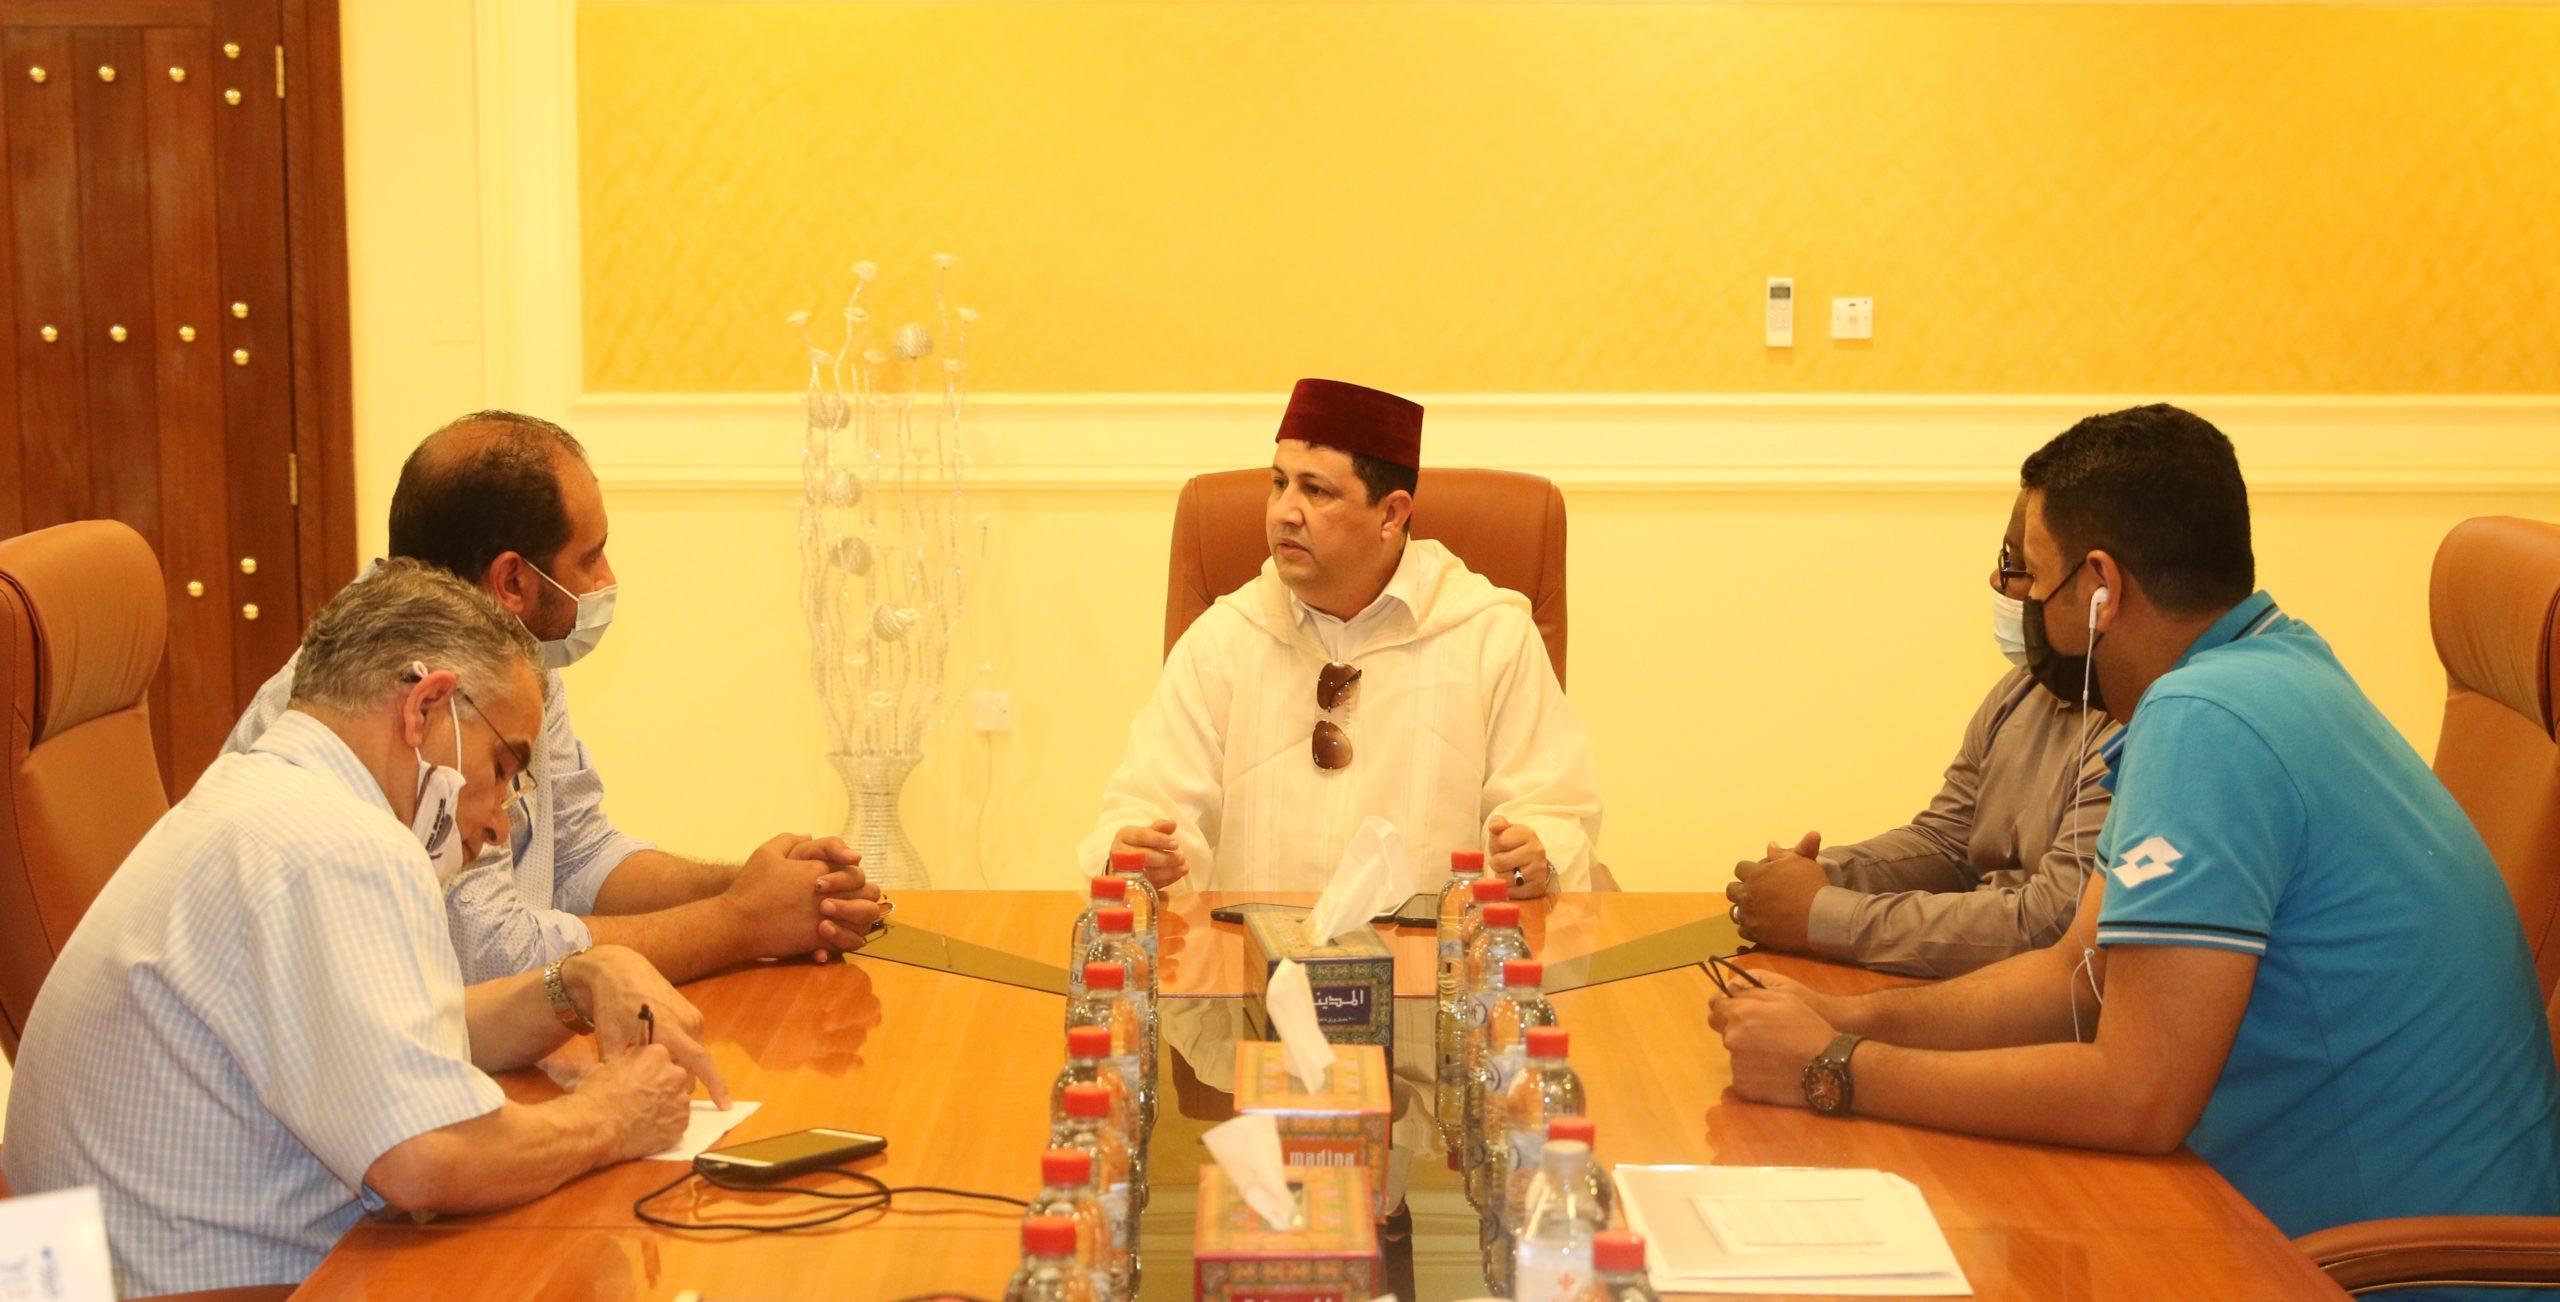 رئيس الإتحاد المغربي لسباق الإبل: قطر دولة رائدة في مجال إحياء التراث العربي الأصيل